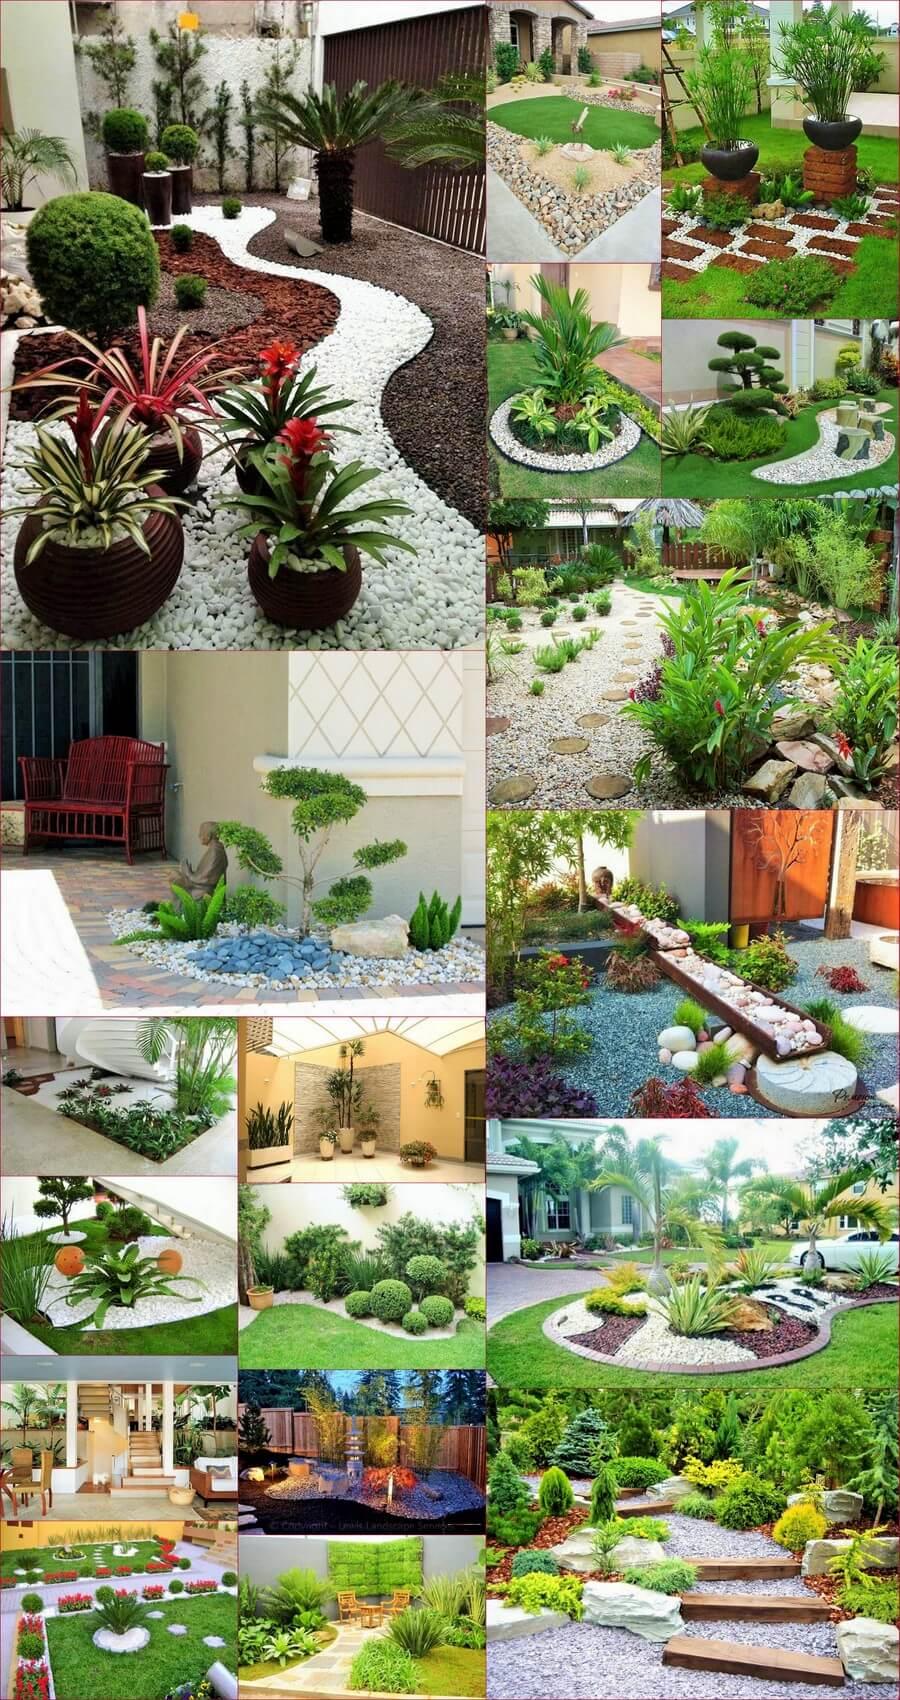 Garden-Ideas-Projects